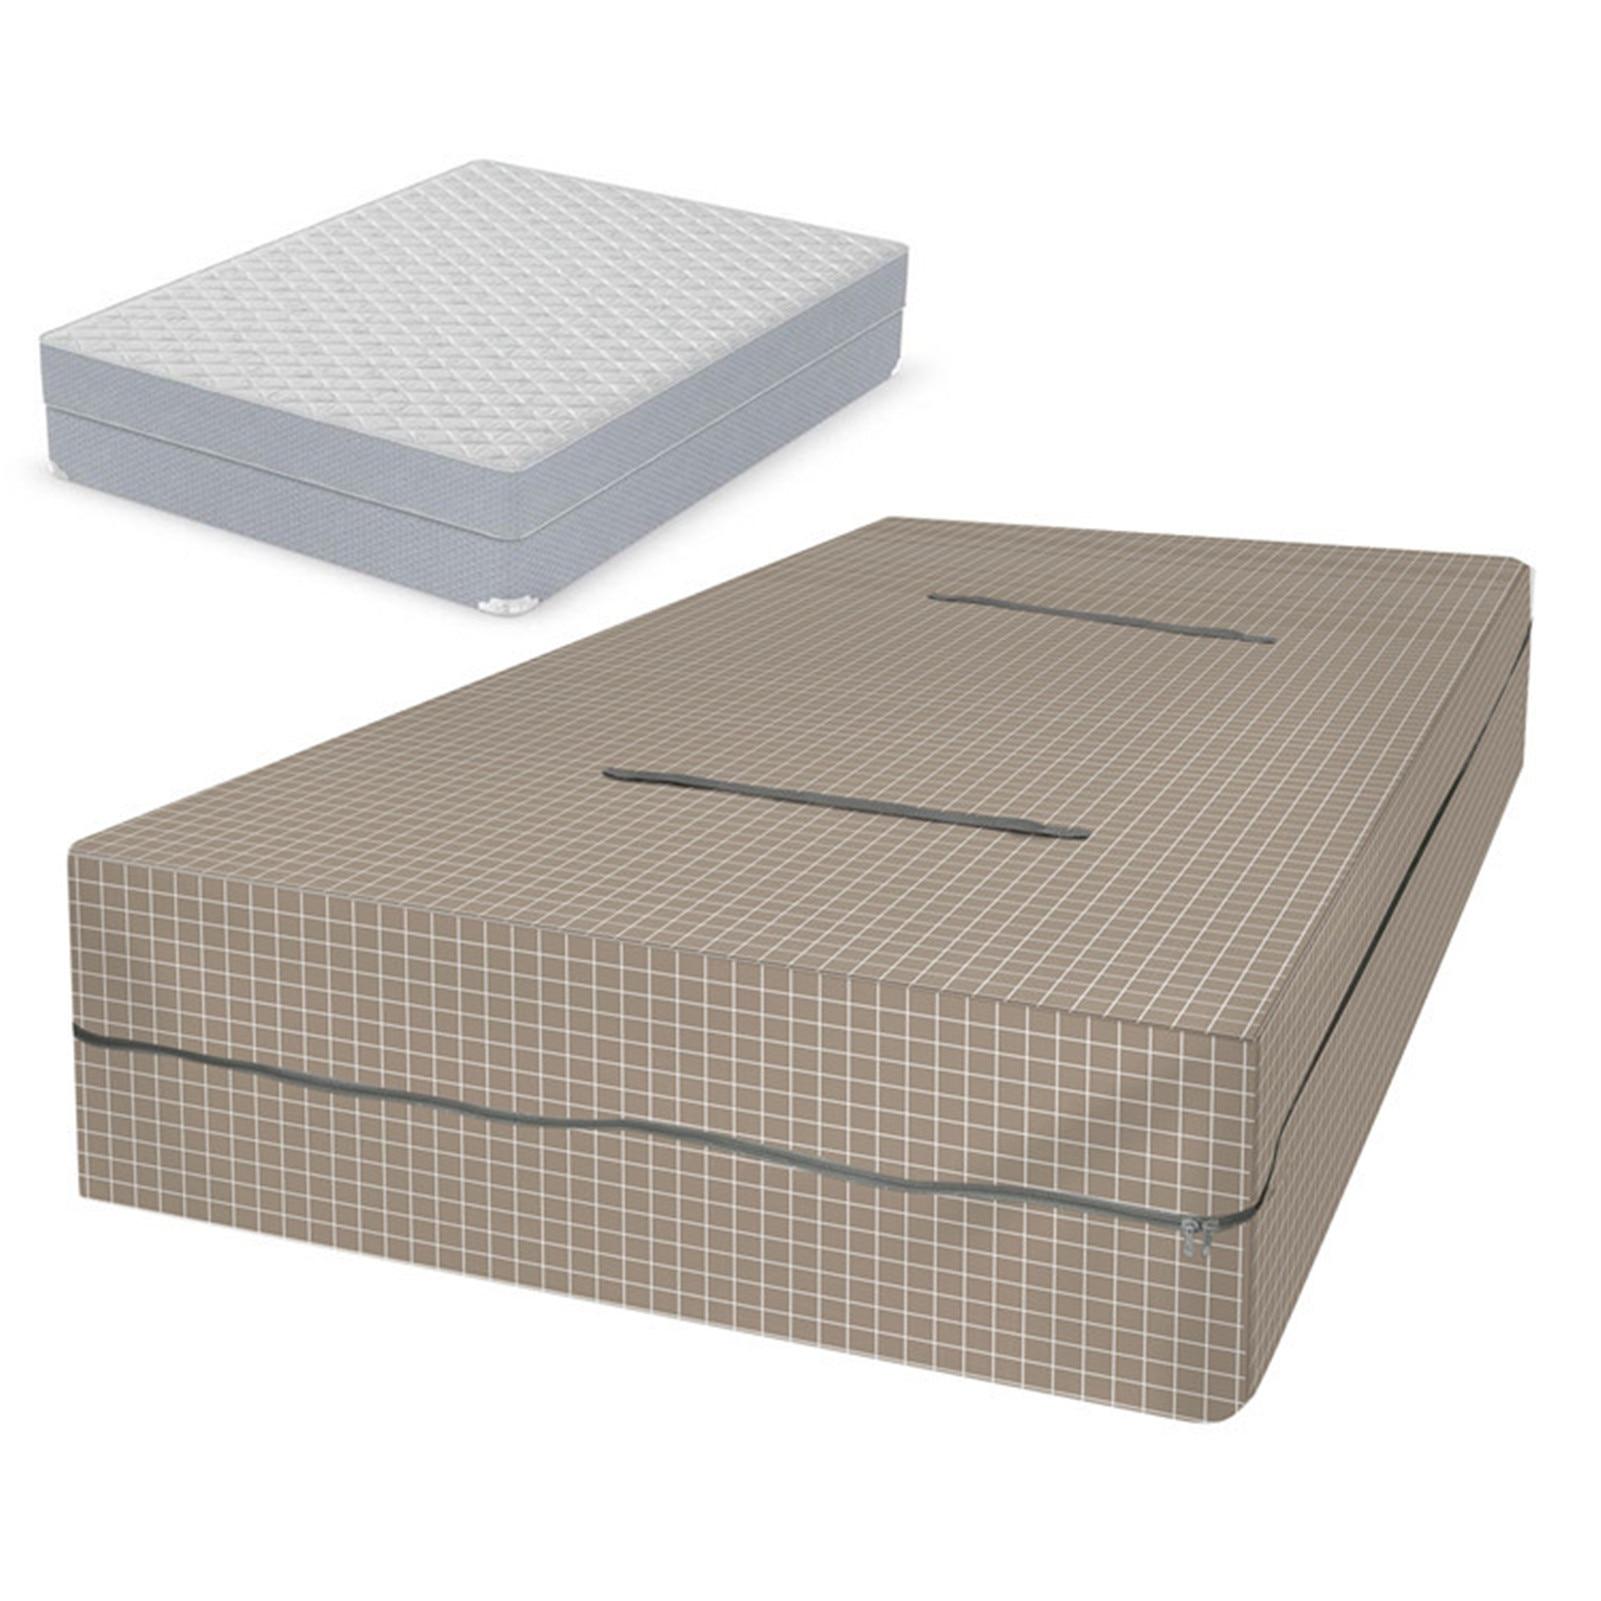 غطاء مرتبة مضادة للتسخ واقي المرتبة قابل للغسل مناسب جدا لنقل تخزين مادة سميكة مقاومة للمياه قابلة لإعادة الاستخدام تصميم